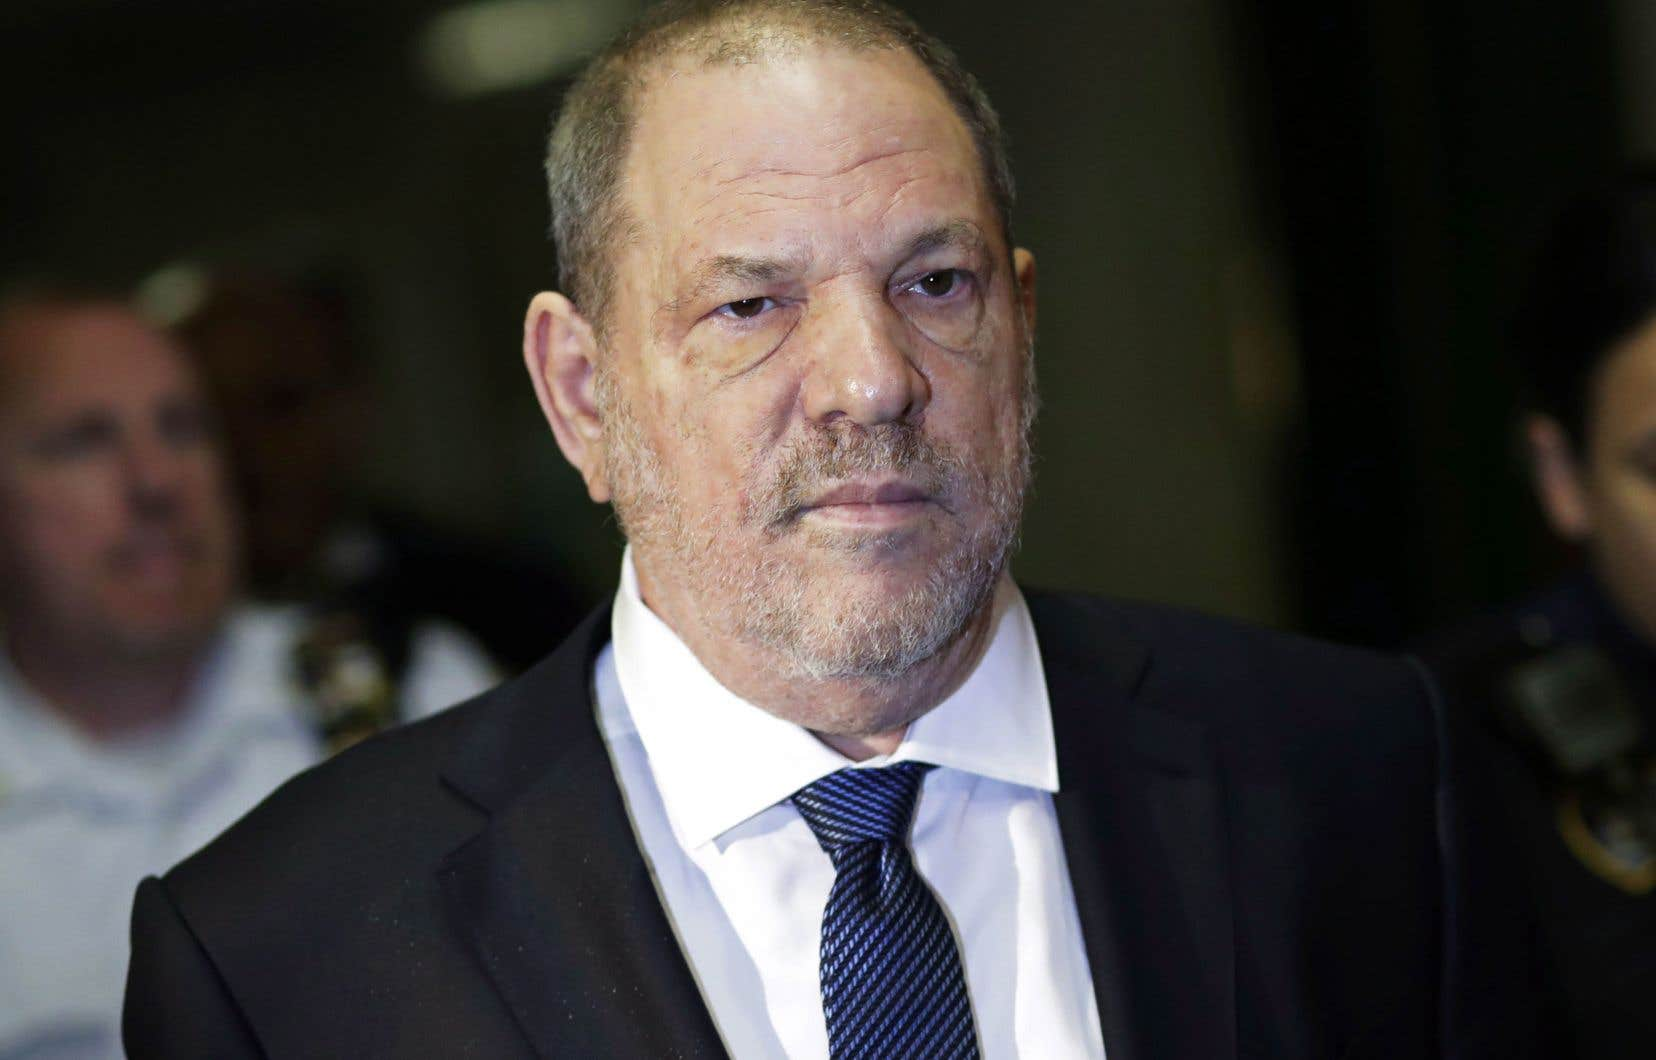 La date du procès d'Harvey Weinstein, pour lequel la sélection des jurés doit commencer le 9septembre, est toutefois maintenue.